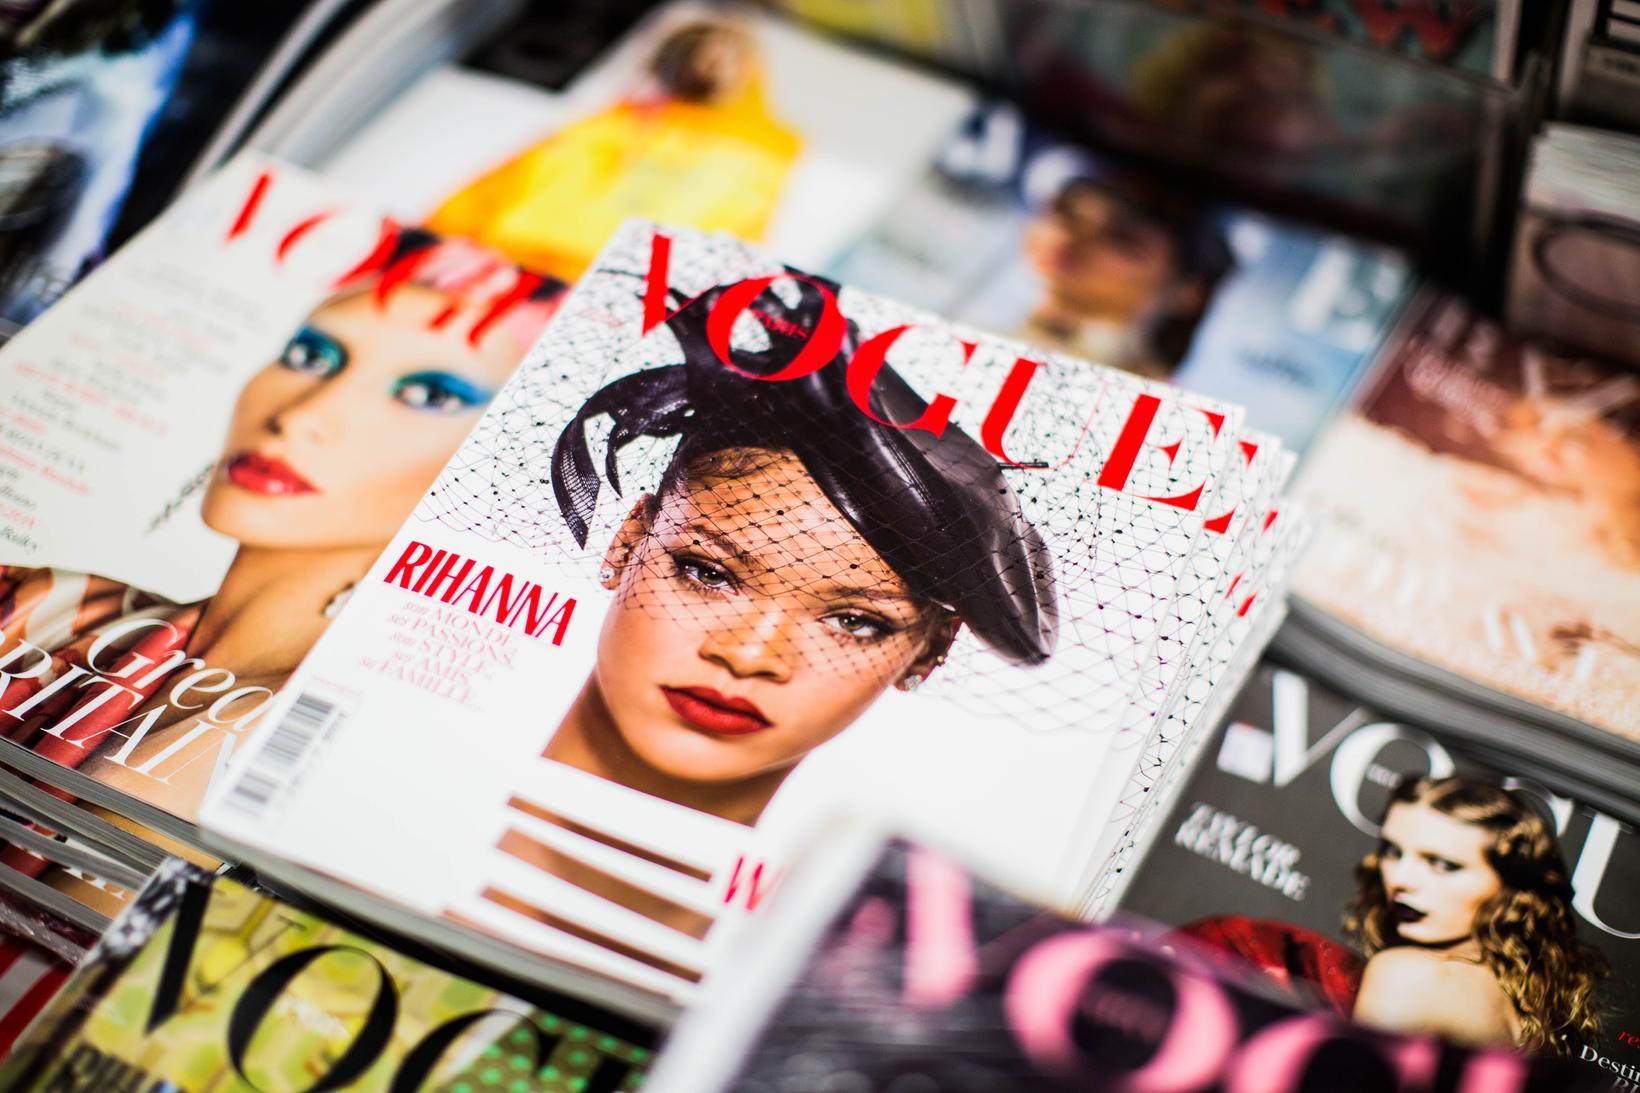 í fyrsta skipti í 128 ára sögu Vogue hafa allar …